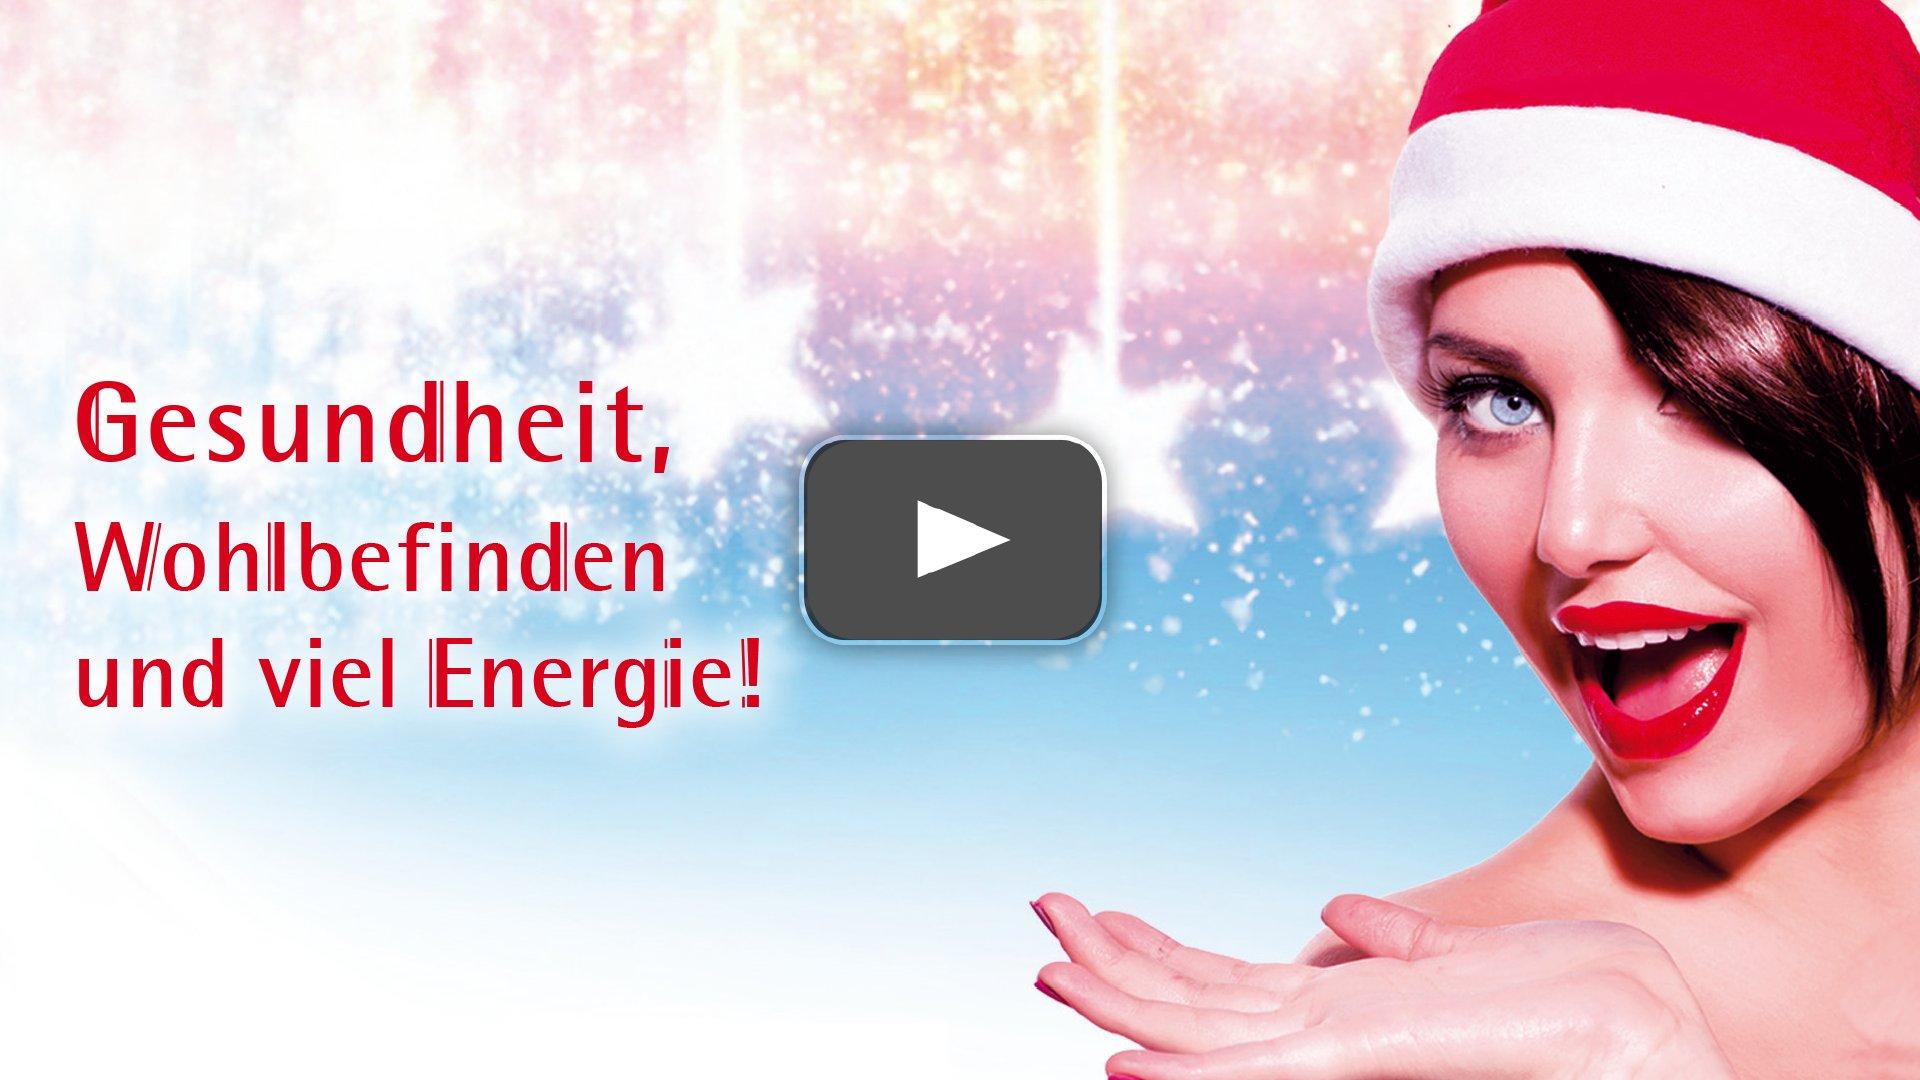 FIVE_Video-Startbild_Weihnachten_2019